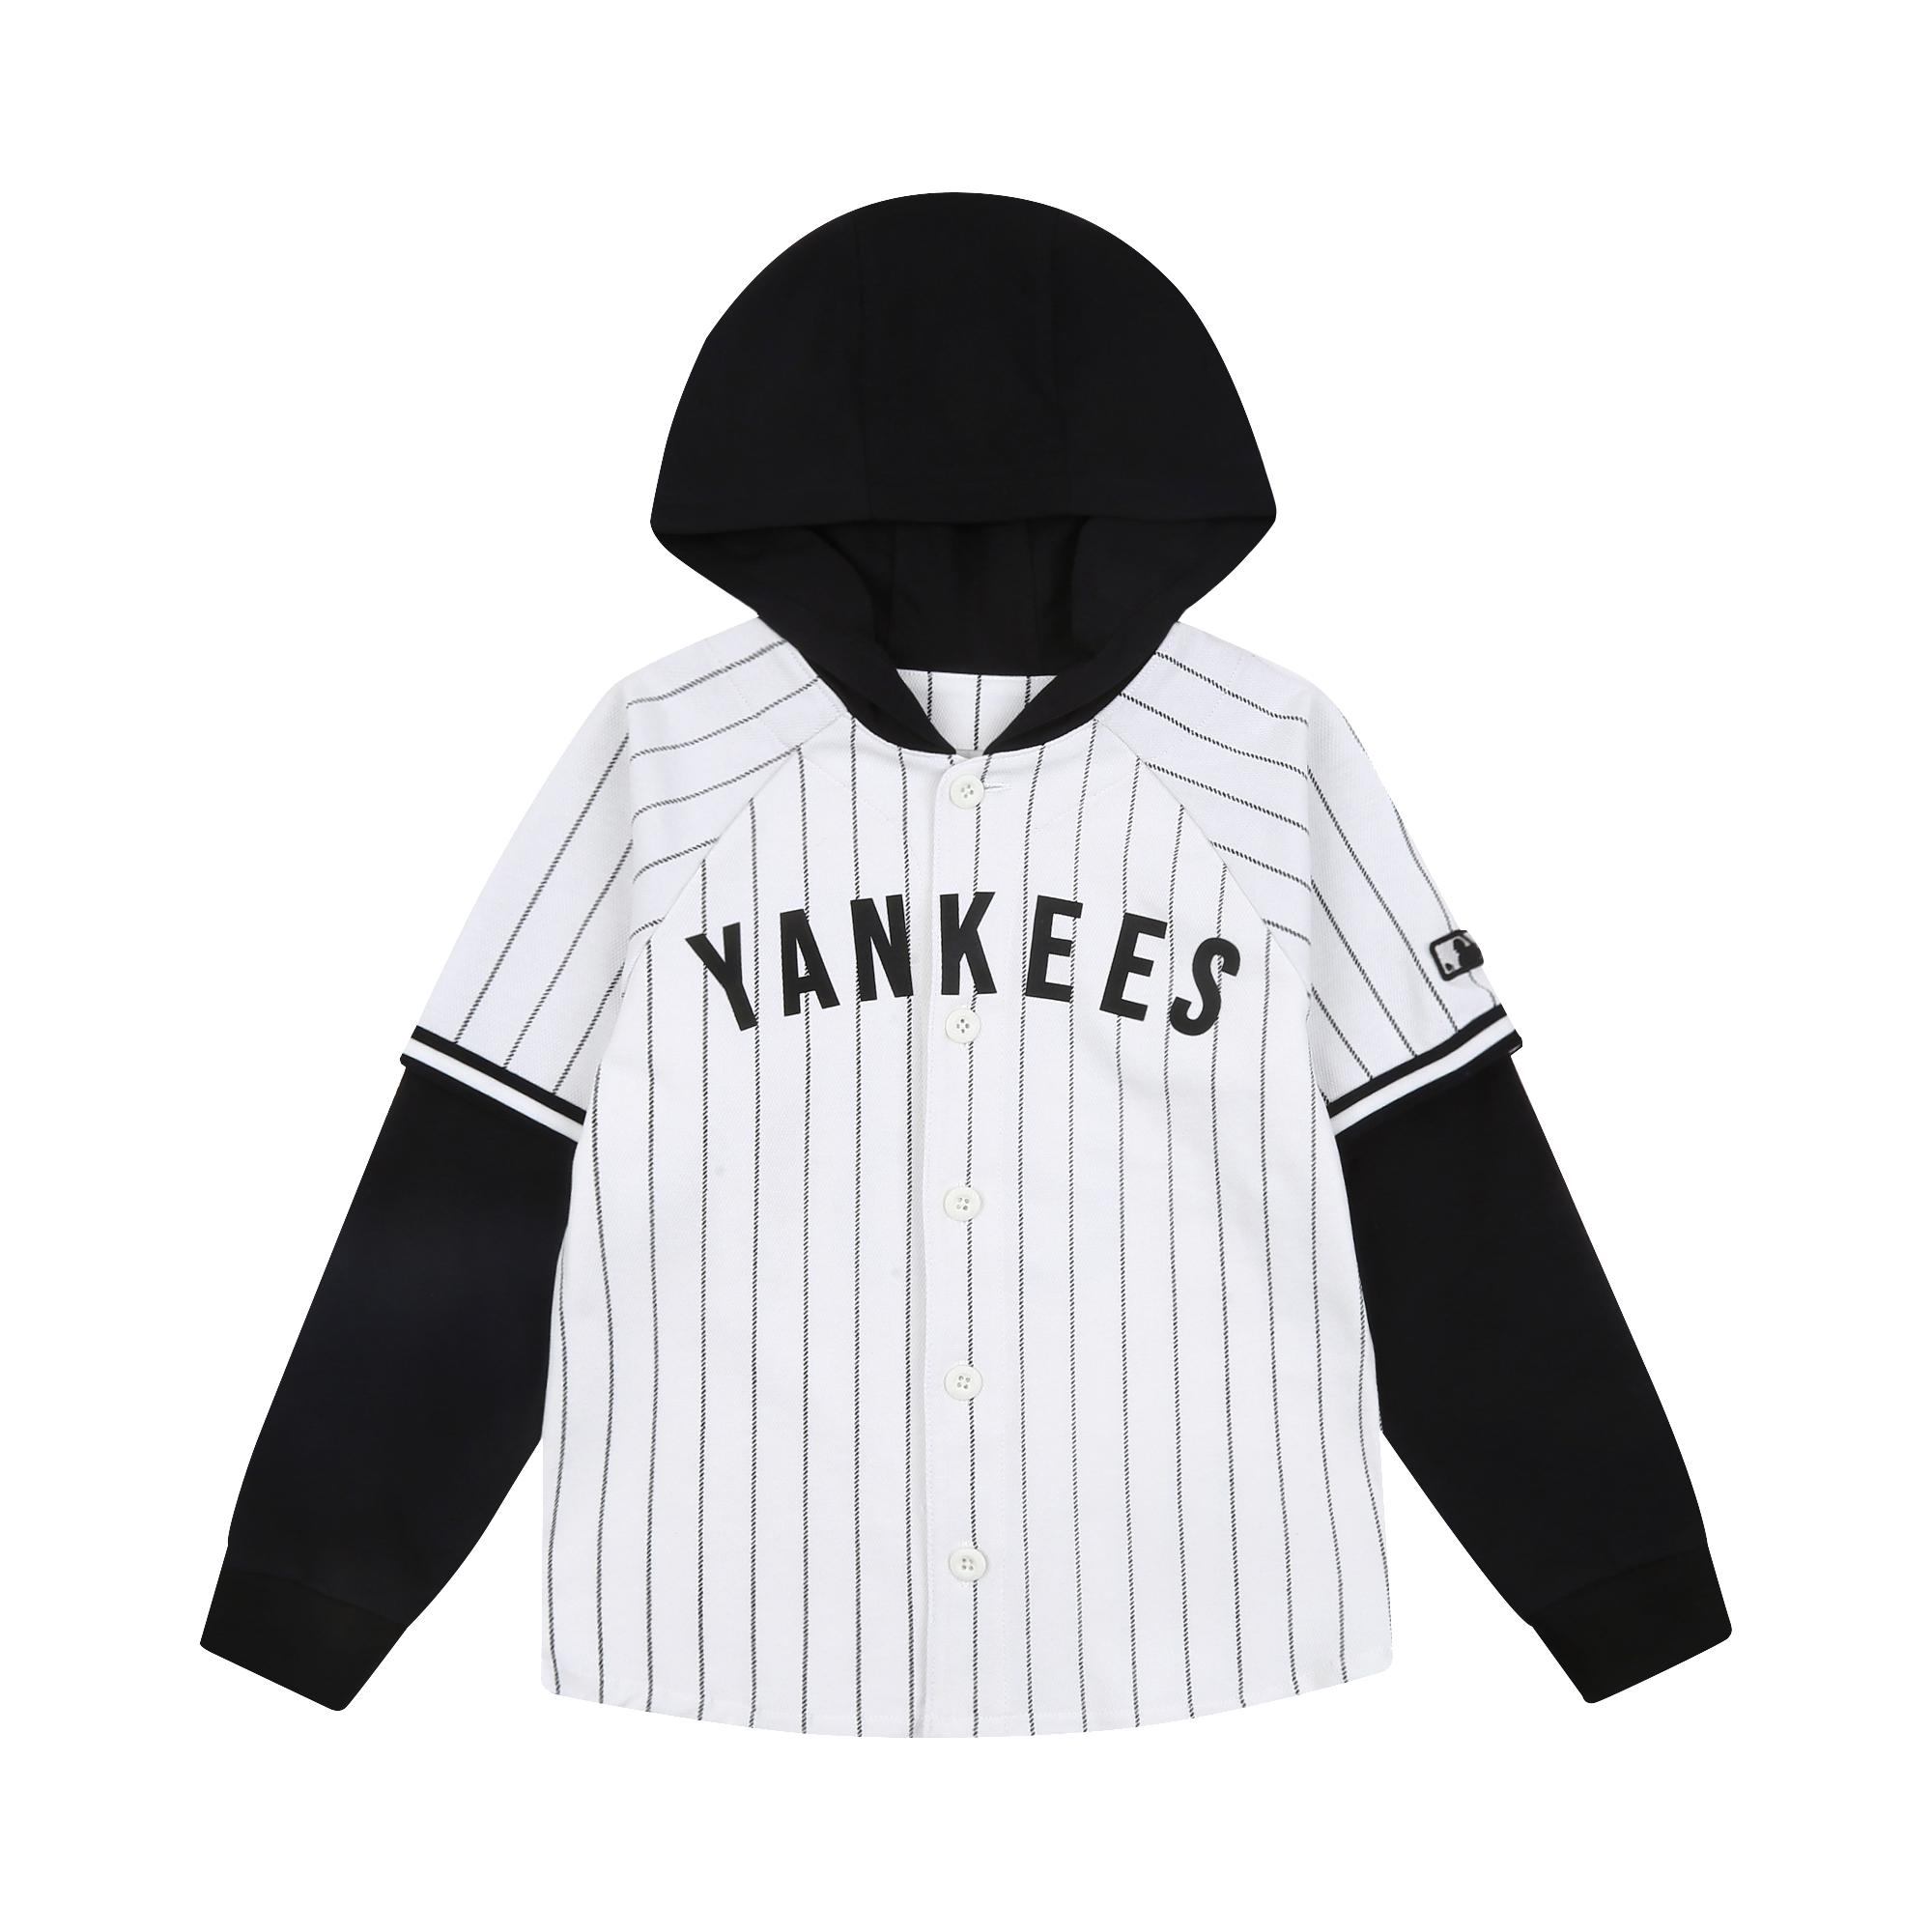 레이어드 후드 스트라이프 베이스볼 저지  뉴욕양키스